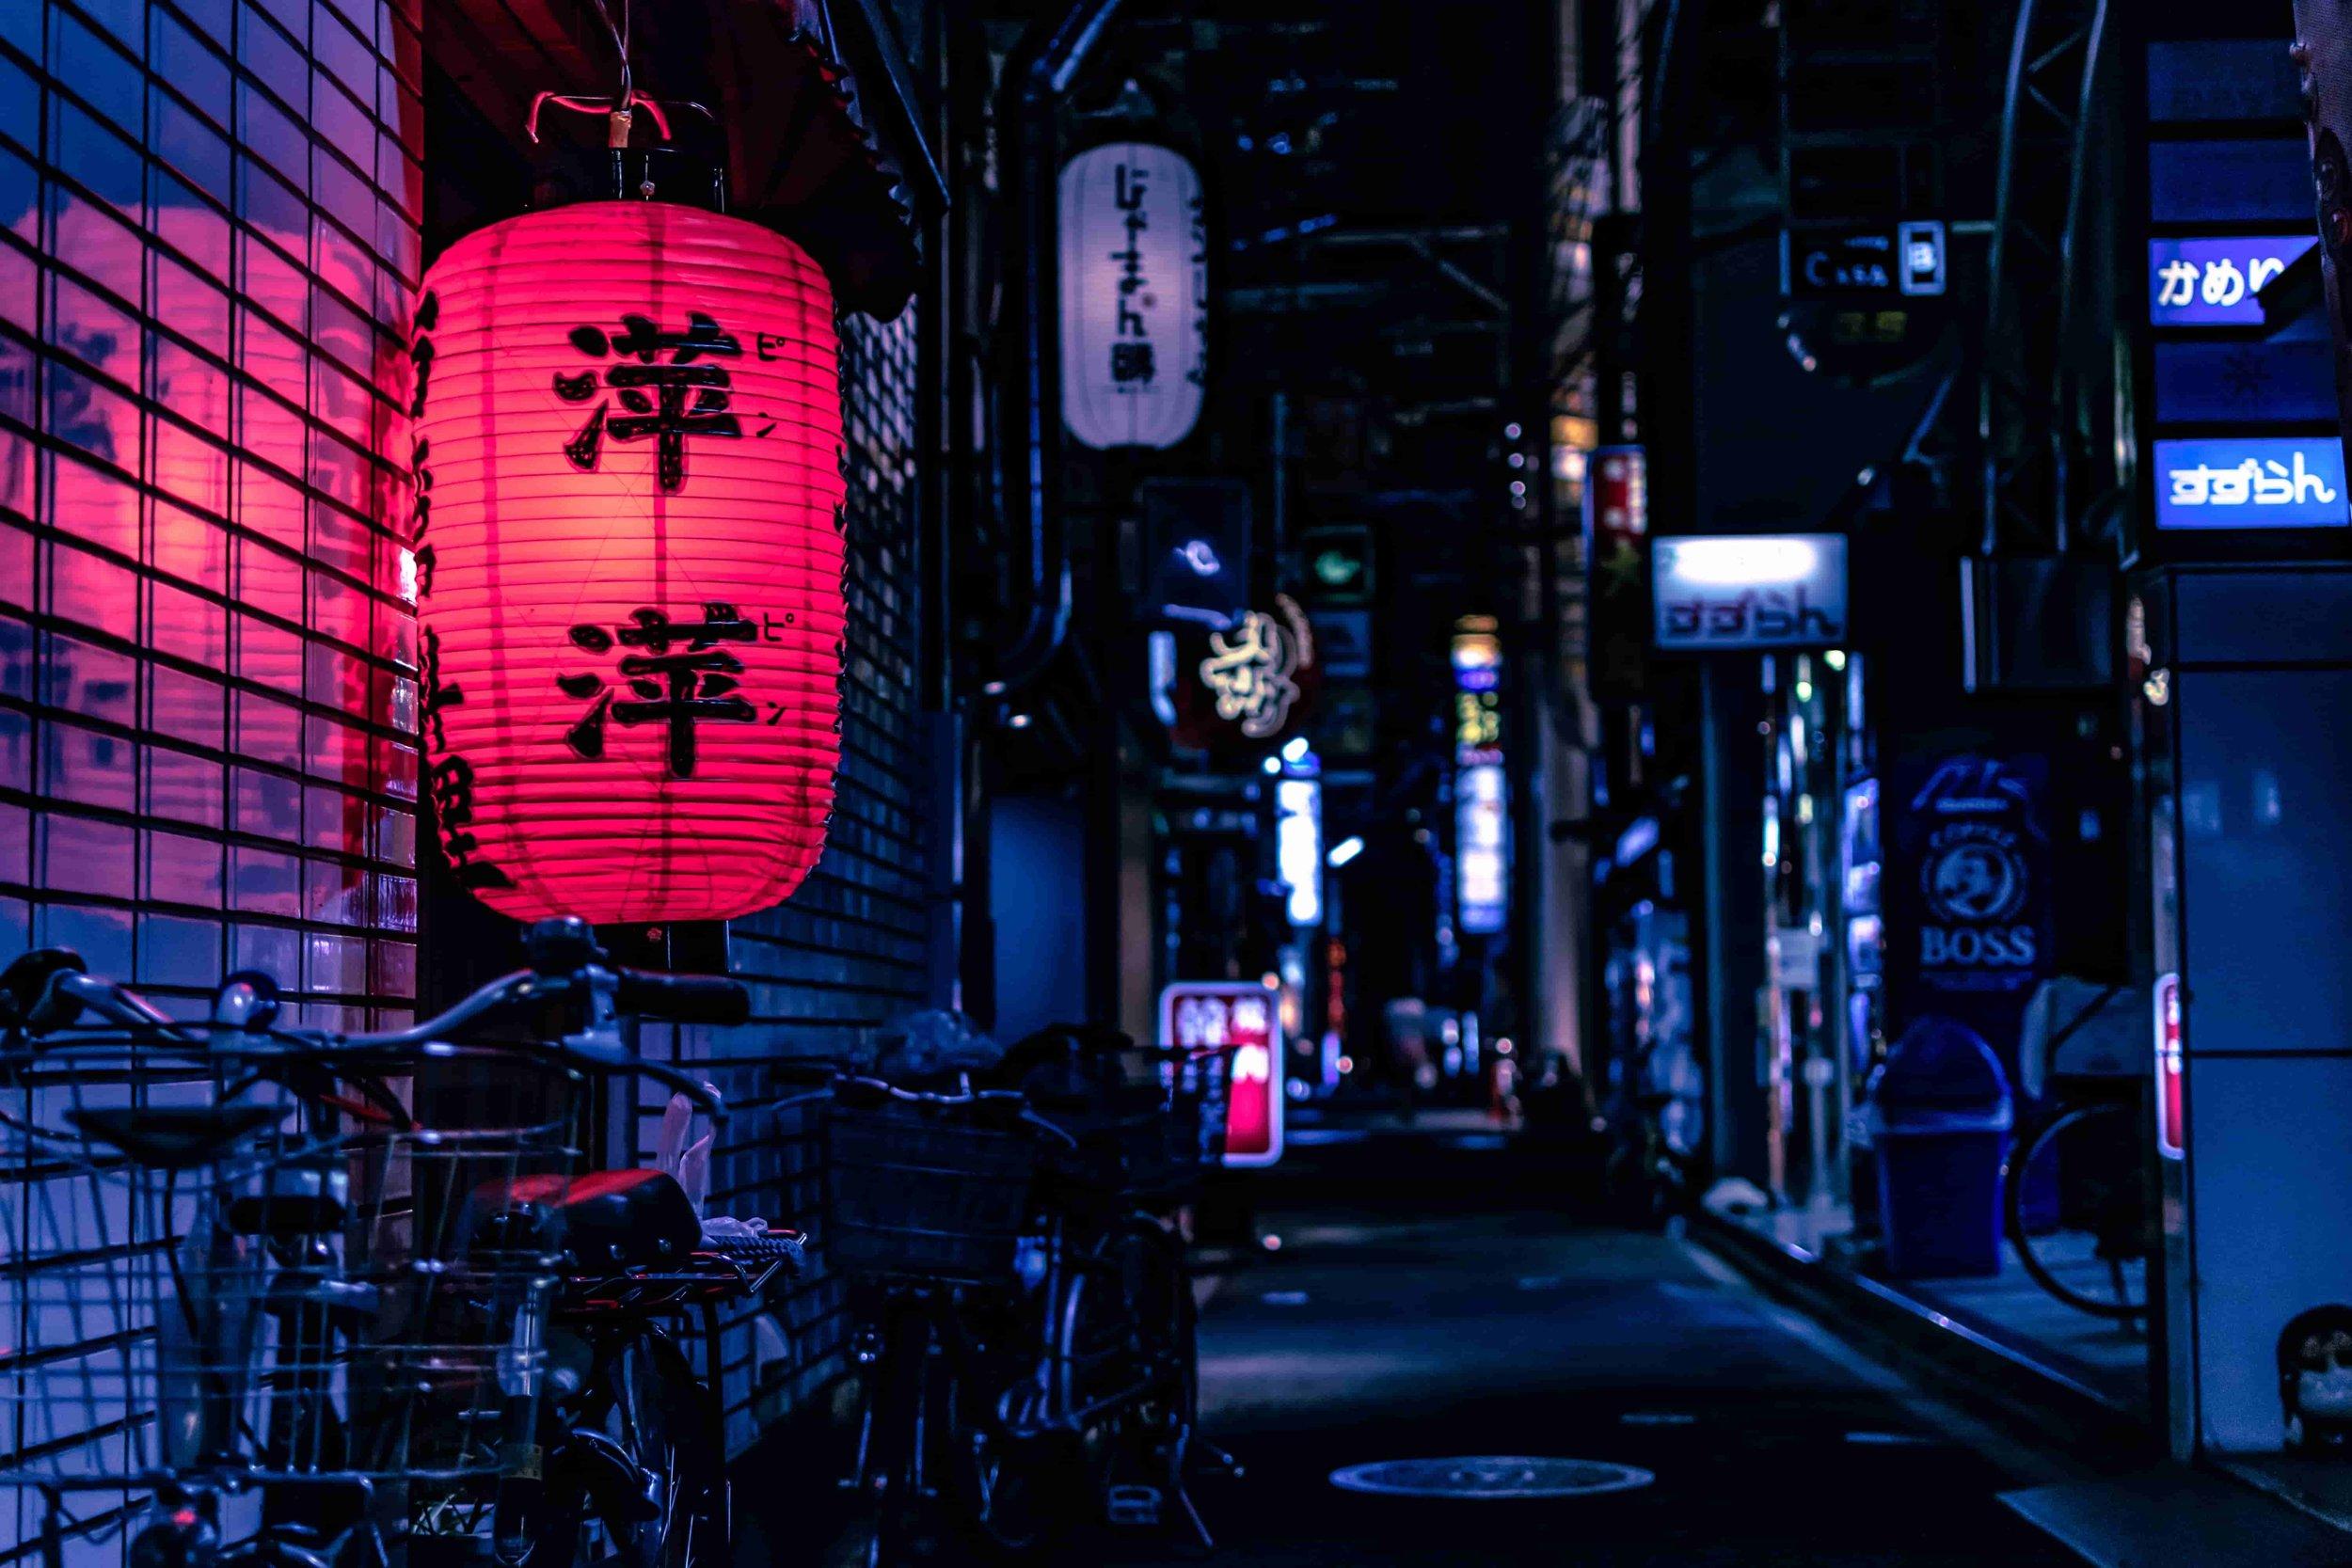 japan-visa-application-tips-travel recommendations-min.jpg